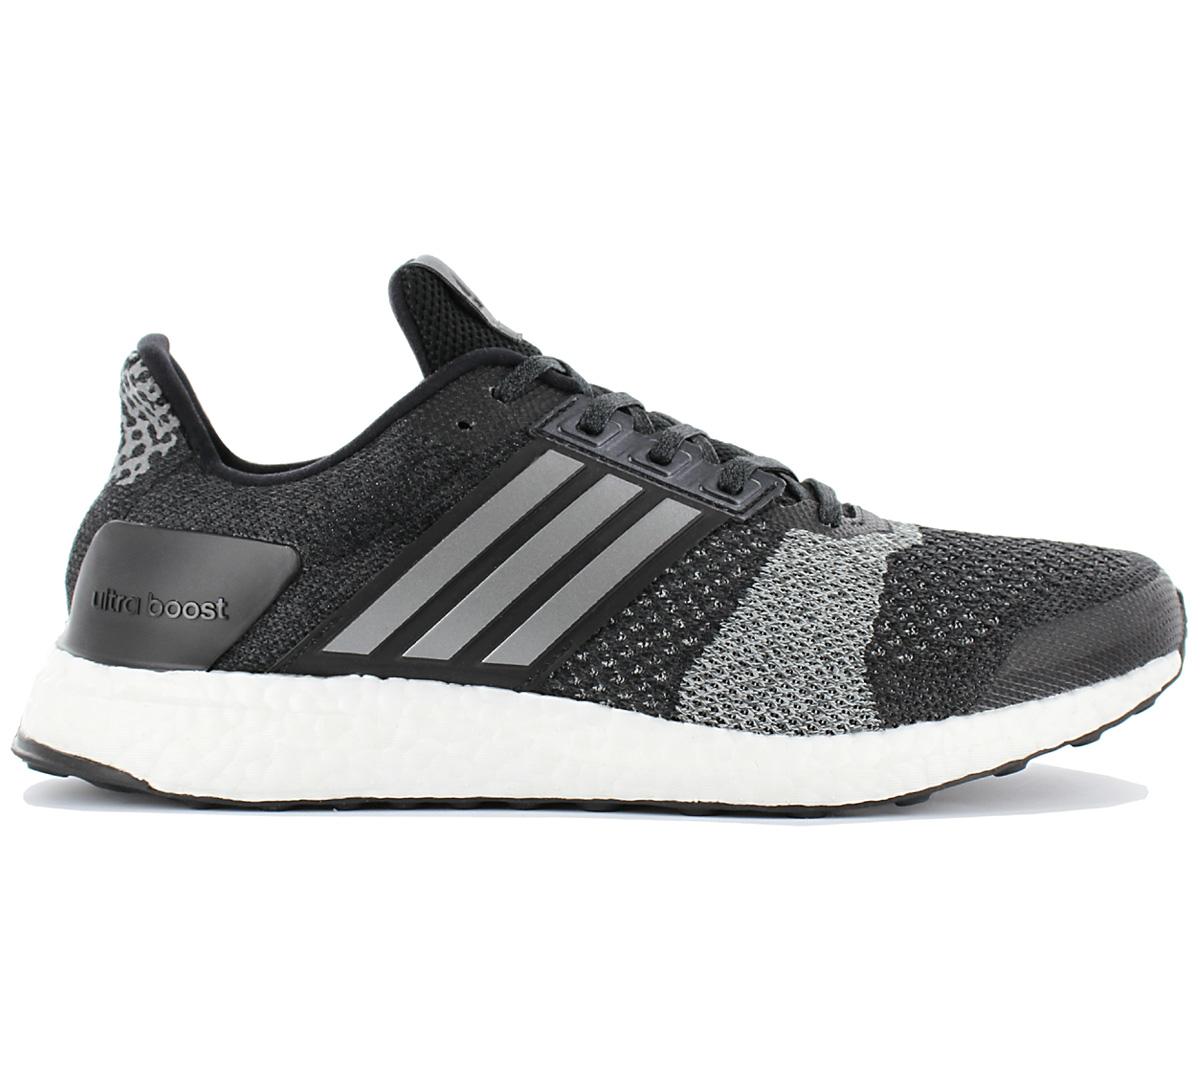 Adidas ultra Boost St primeknit zapatos de los hombres ultraboost corriendo zapatos